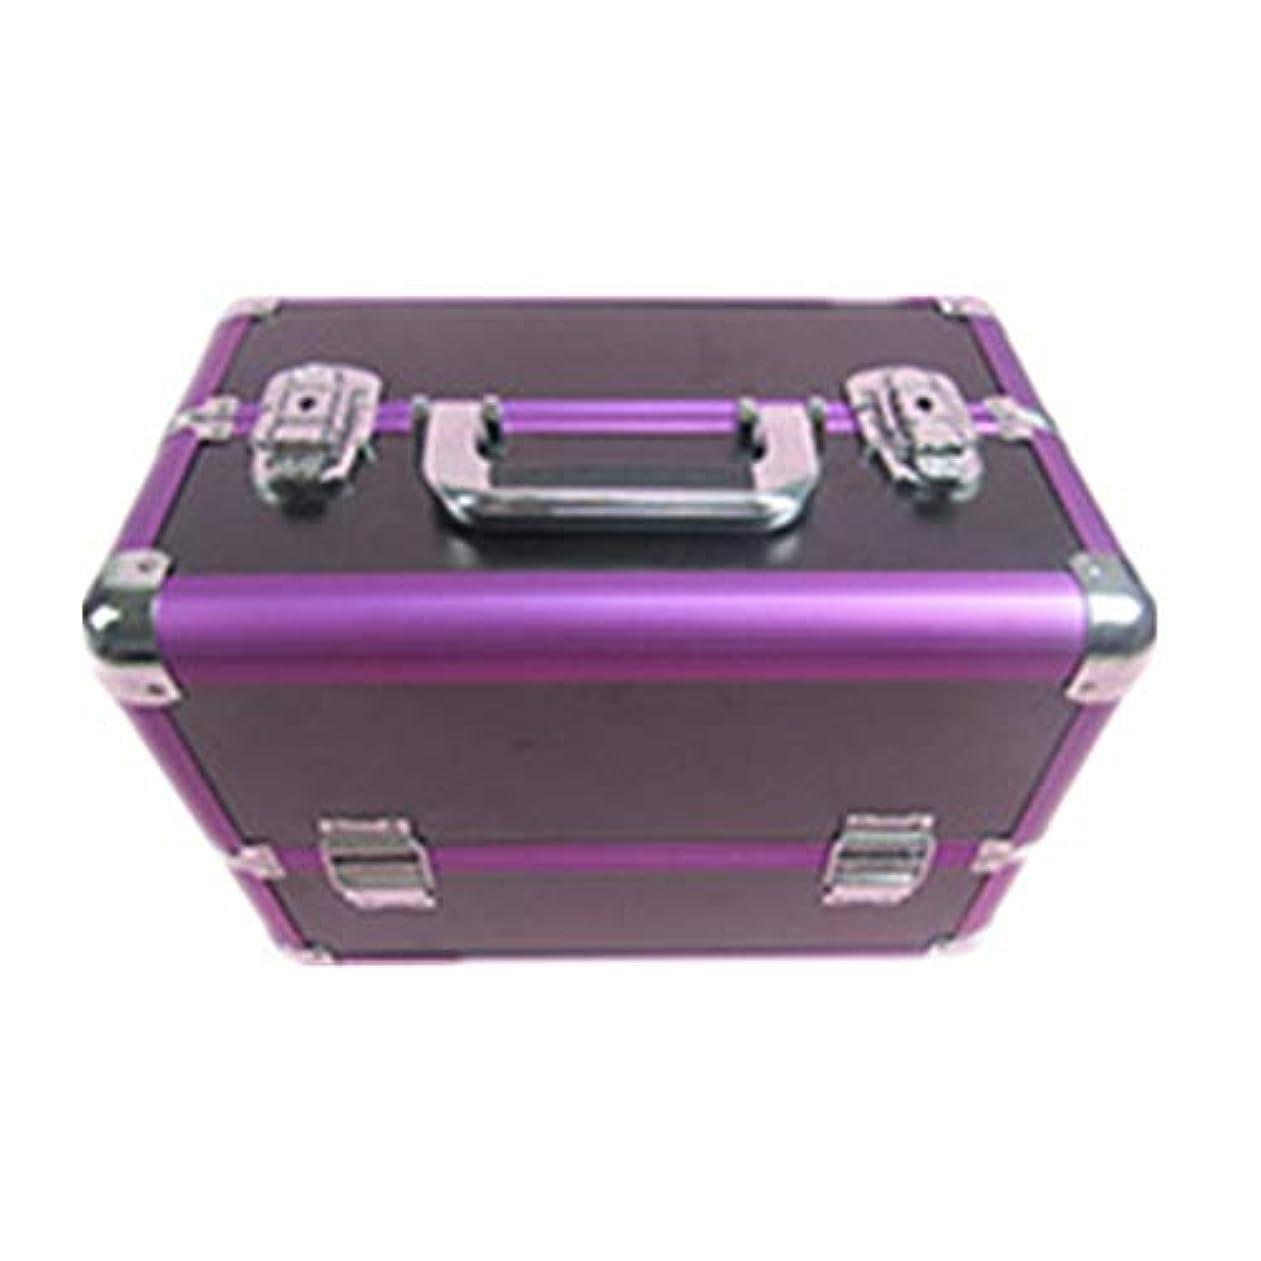 プレビスサイト未知のパプアニューギニア化粧オーガナイザーバッグ 大容量ポータブル化粧ケース(トラベルアクセサリー用)シャンプーボディウォッシュパーソナルアイテム収納トレイ(エクステンショントレイ付) 化粧品ケース